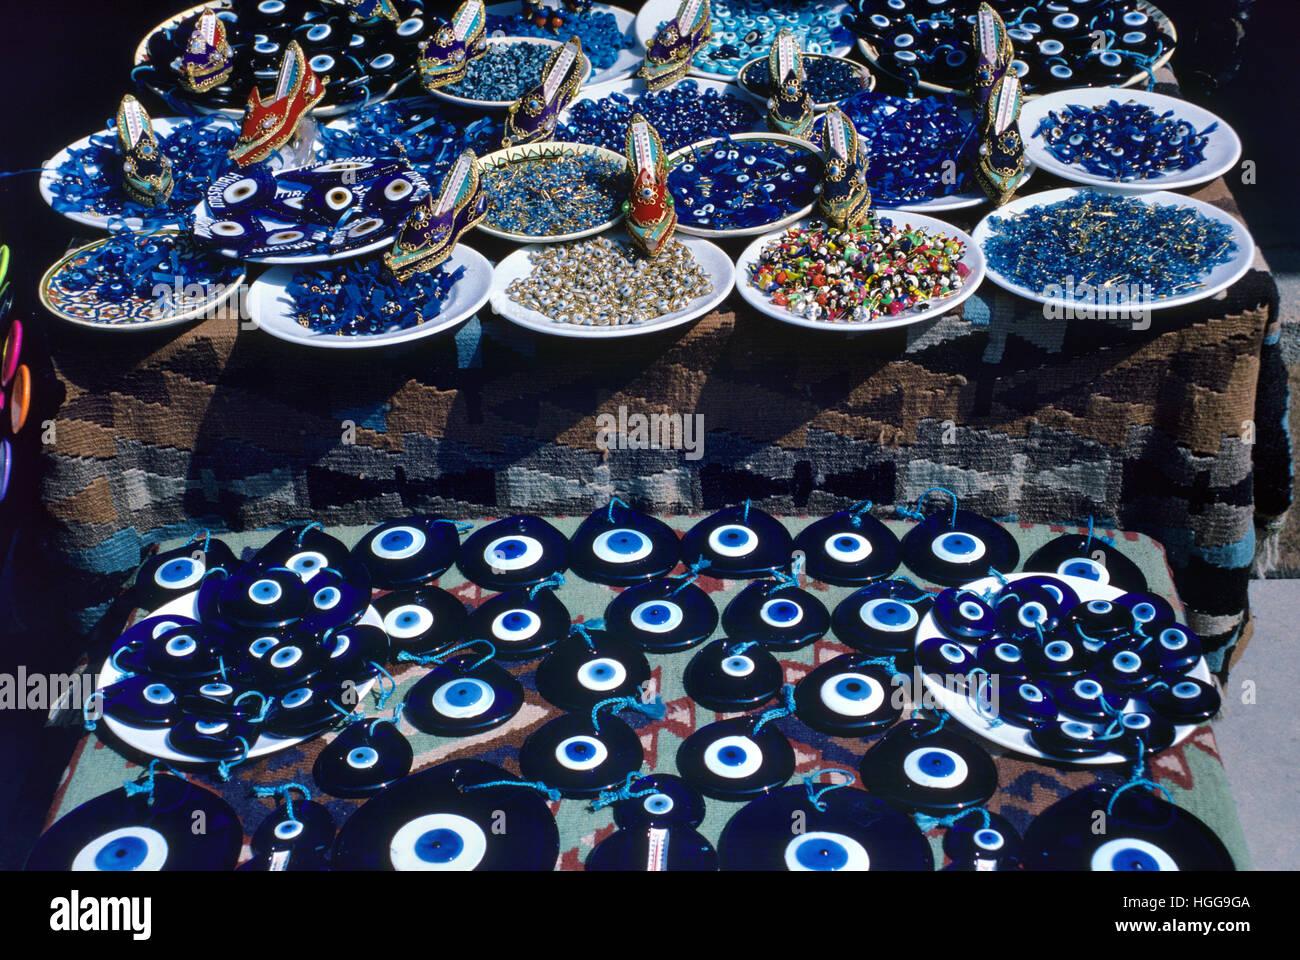 """Blauen Steinen oder Glas """"Bösen Blick"""" Reize für den Verkauf in einem Souvenirladen oder Souvenir Stockbild"""